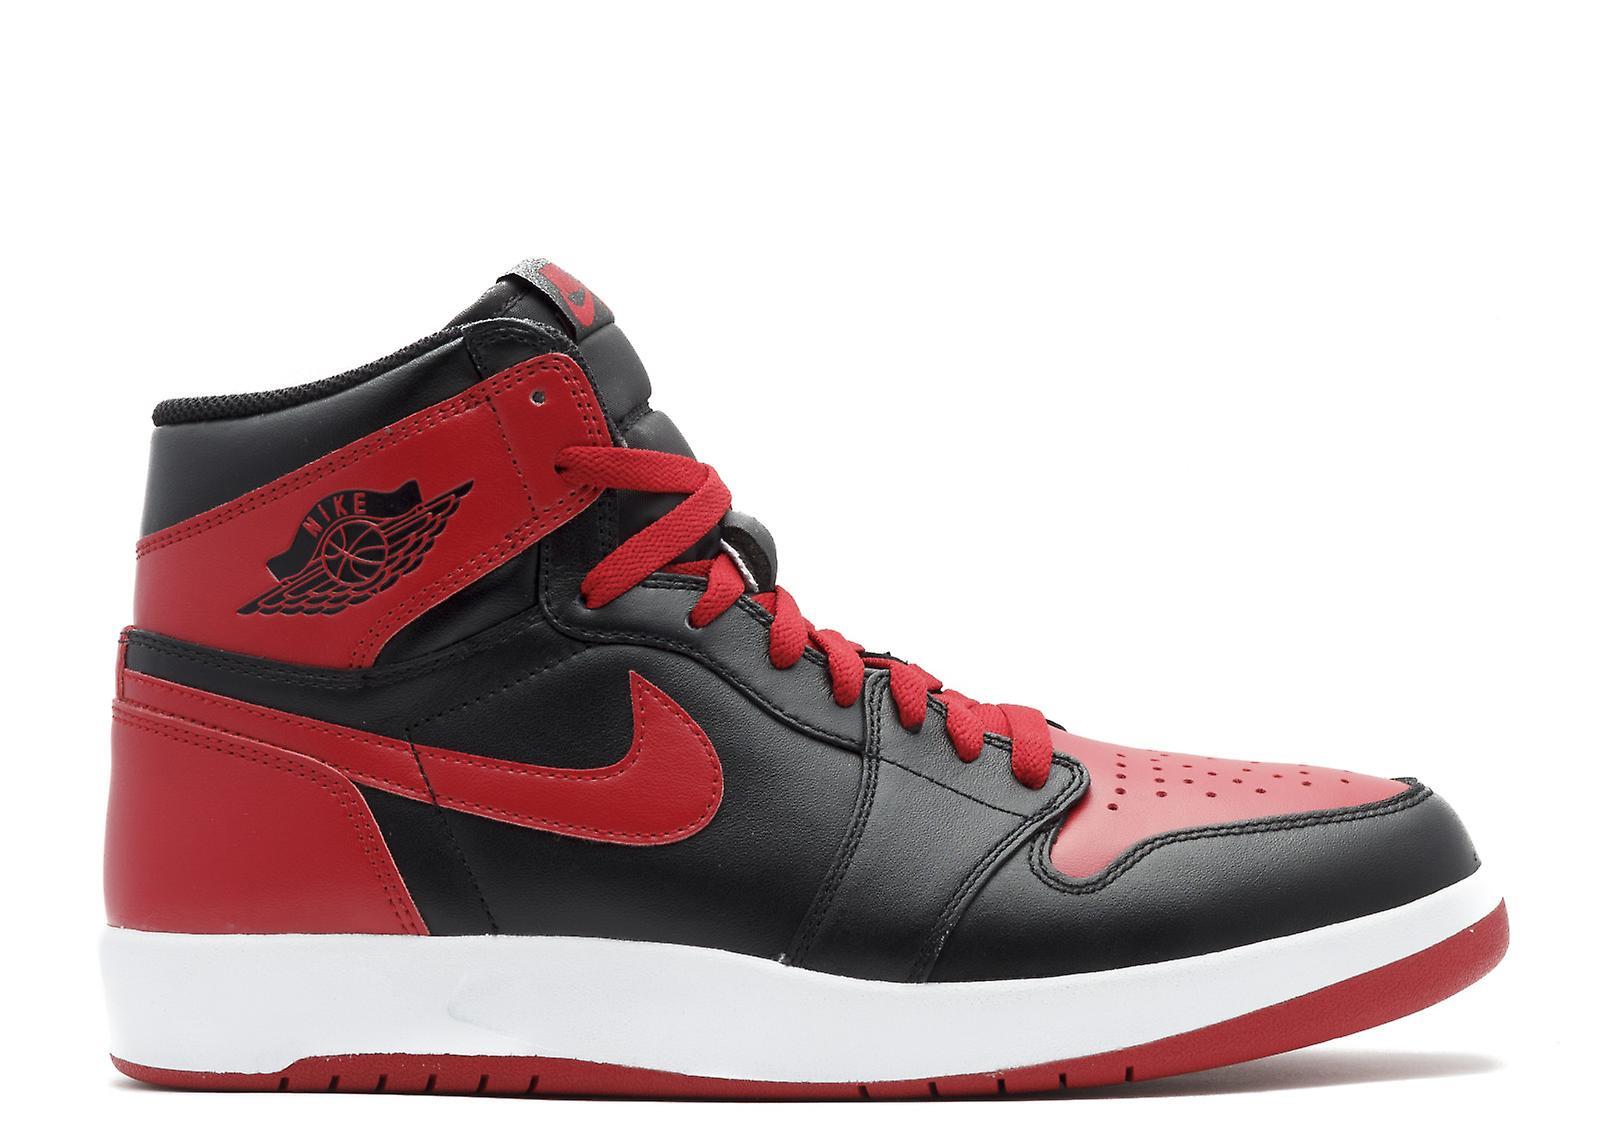 Air Jordan 1 alto il ritorno 'razza' - 768861 - 001 - scarpe LqzMit